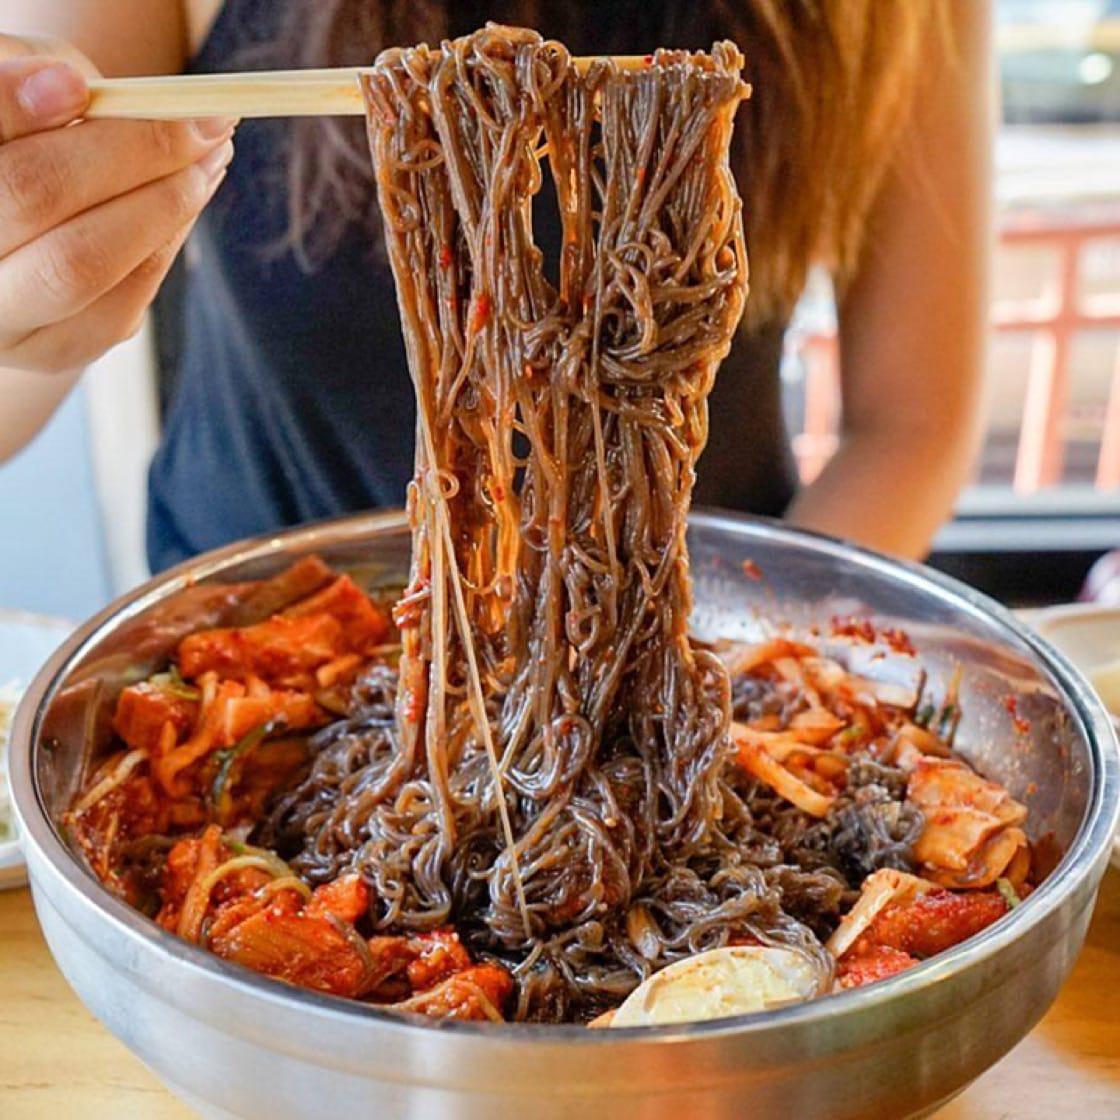 Buckwheat noodles at Yuchun. (Photo: Yuchun Facebook page.)